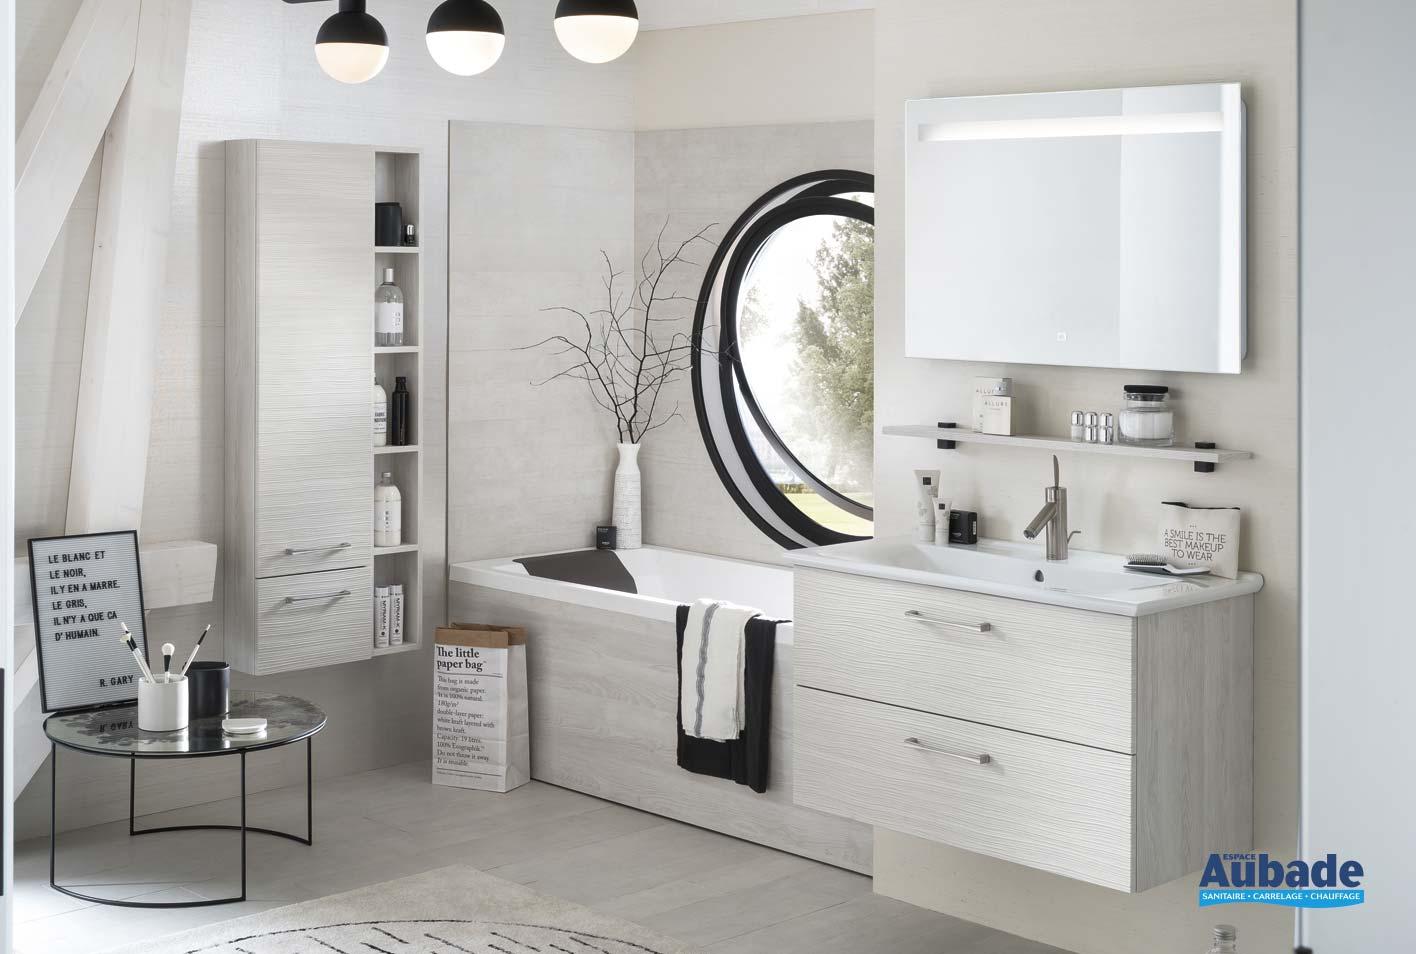 meuble salle de bains unique onde 93 espace aubade. Black Bedroom Furniture Sets. Home Design Ideas